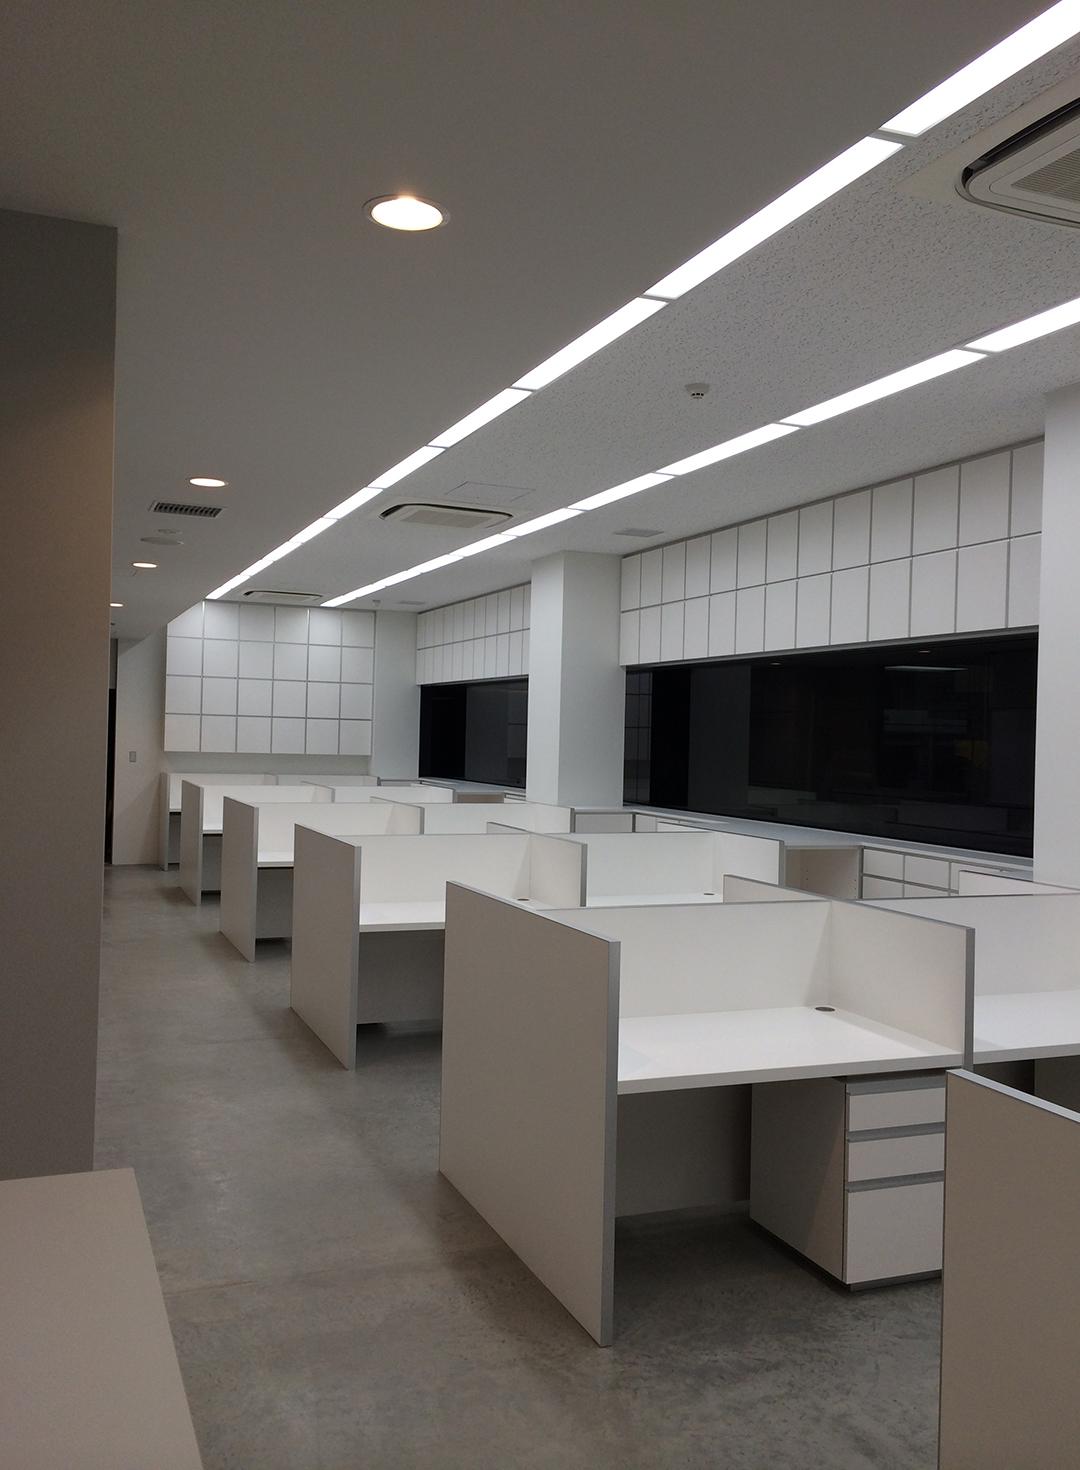 株式会社 三洋化学研究所 泉北工場